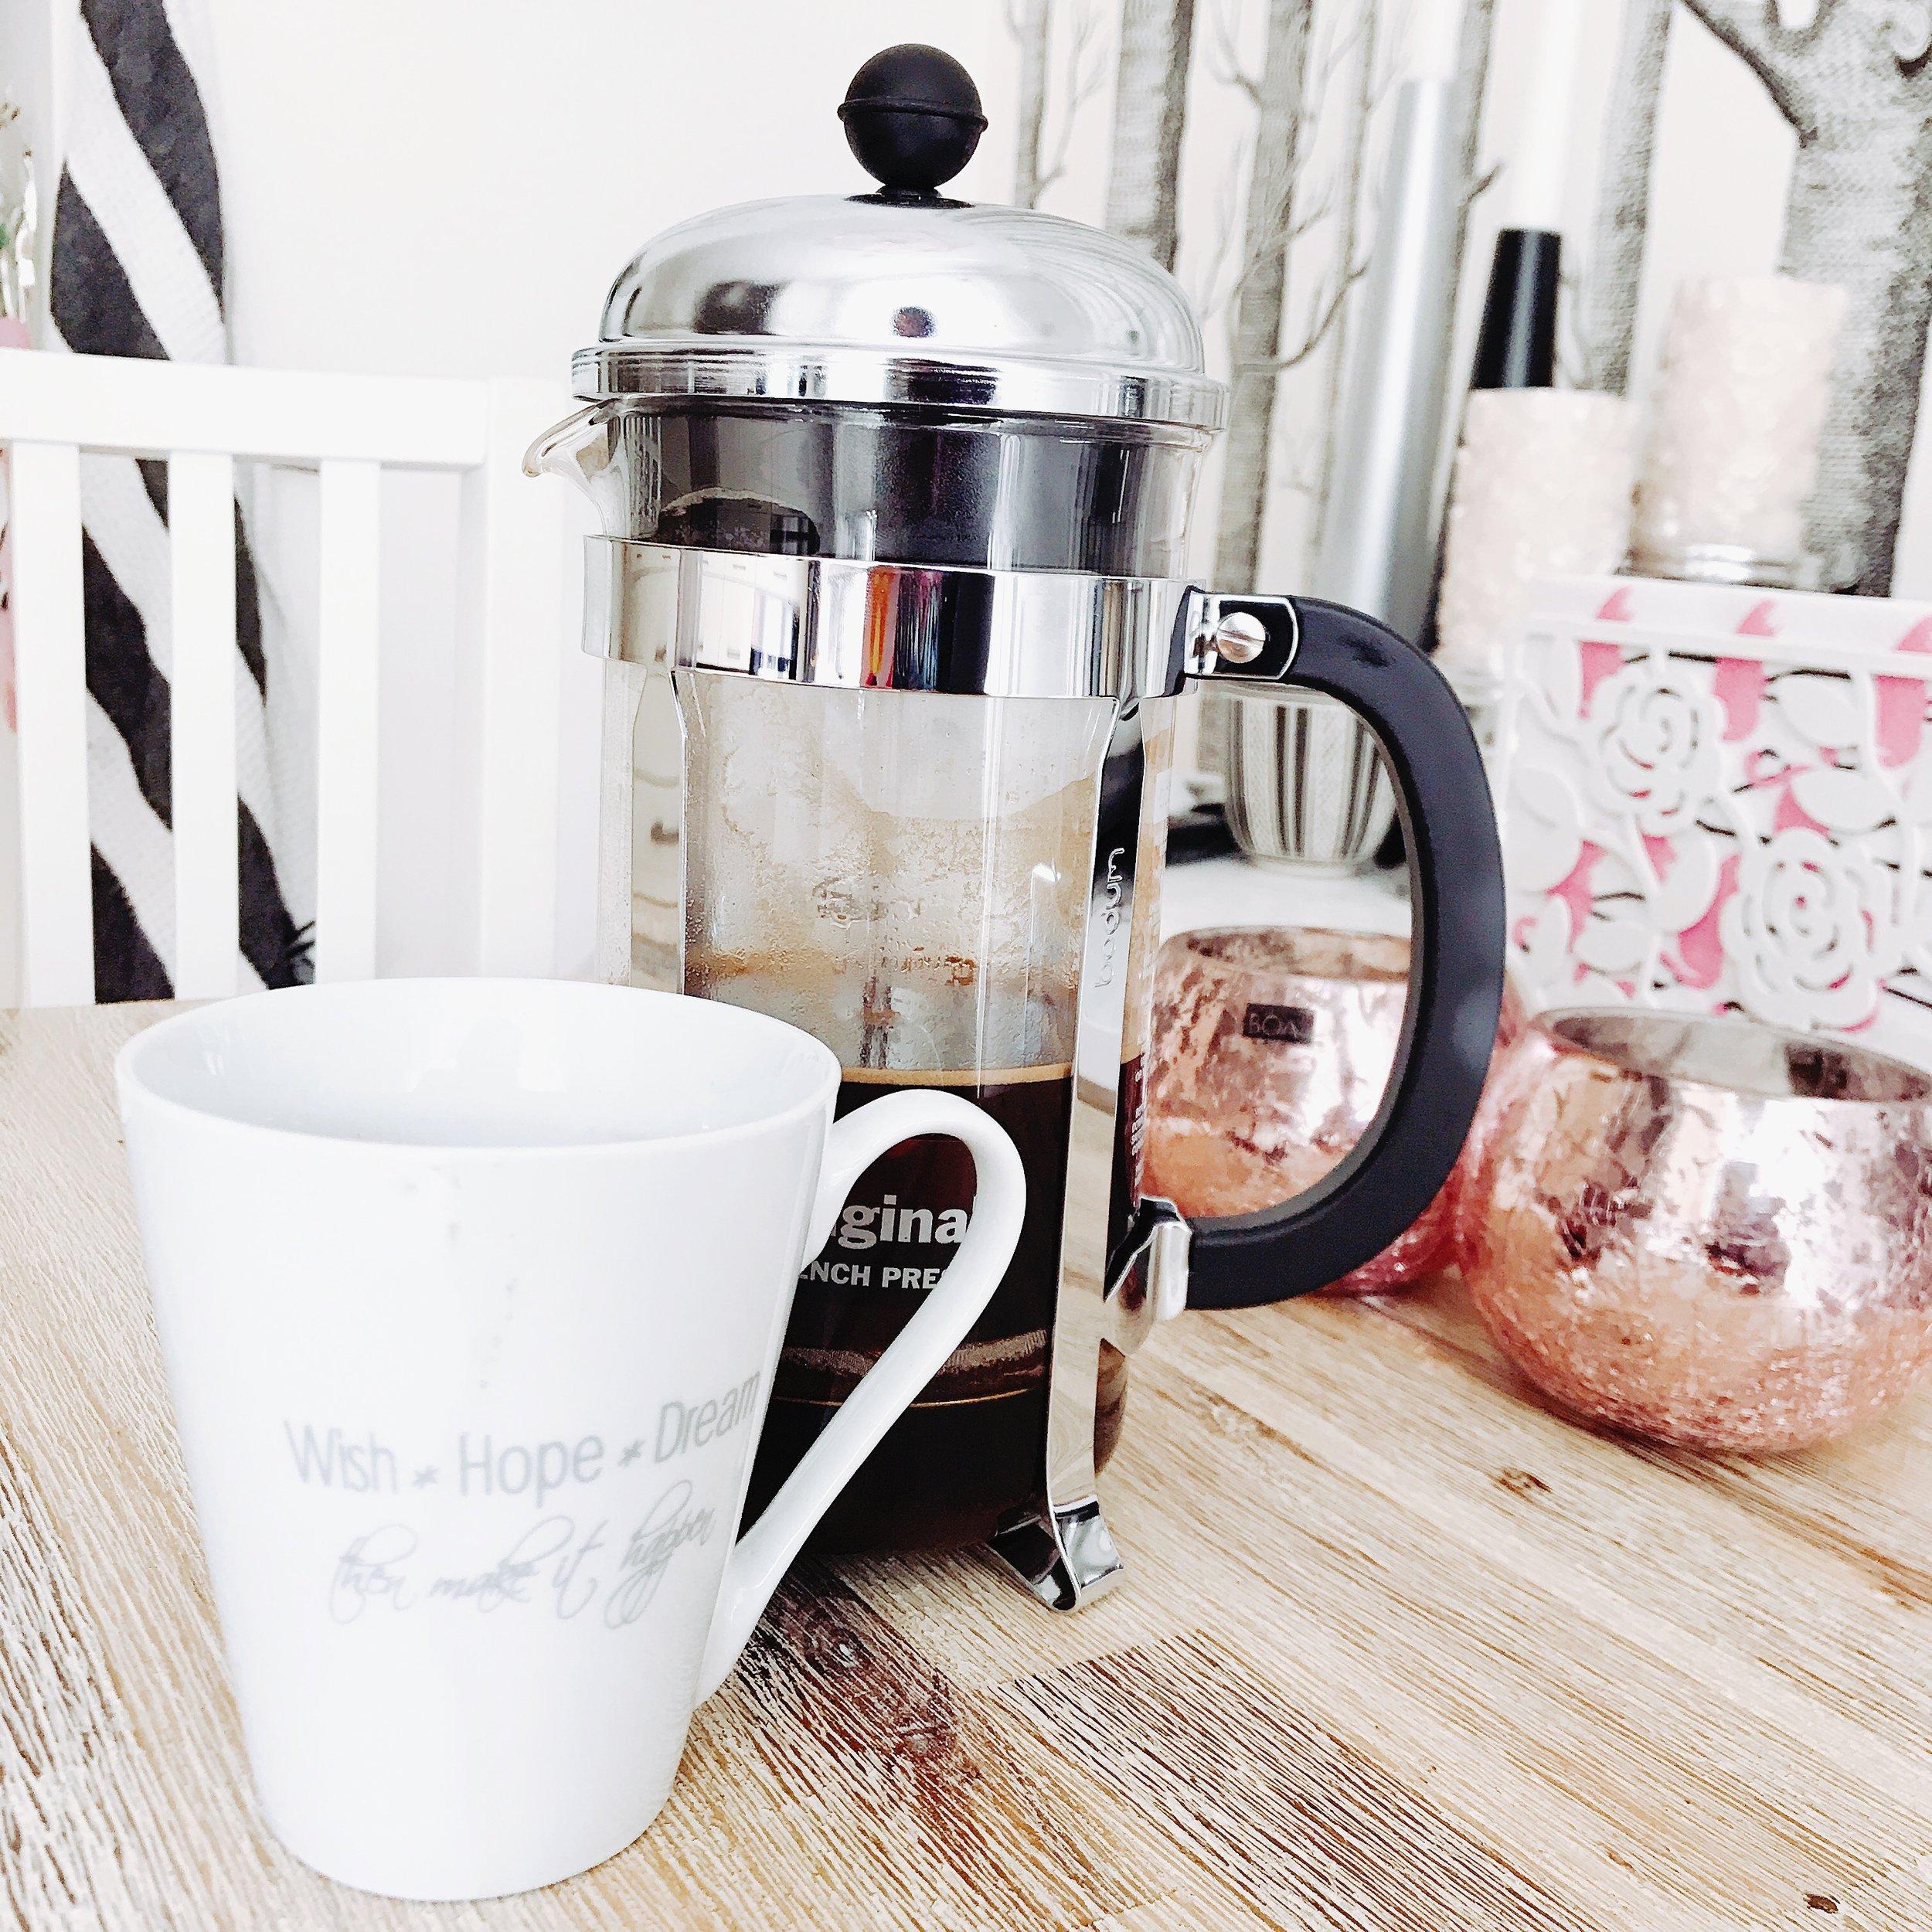 Tack mamma för den fina kaffepressen! Den är så bra. 😃